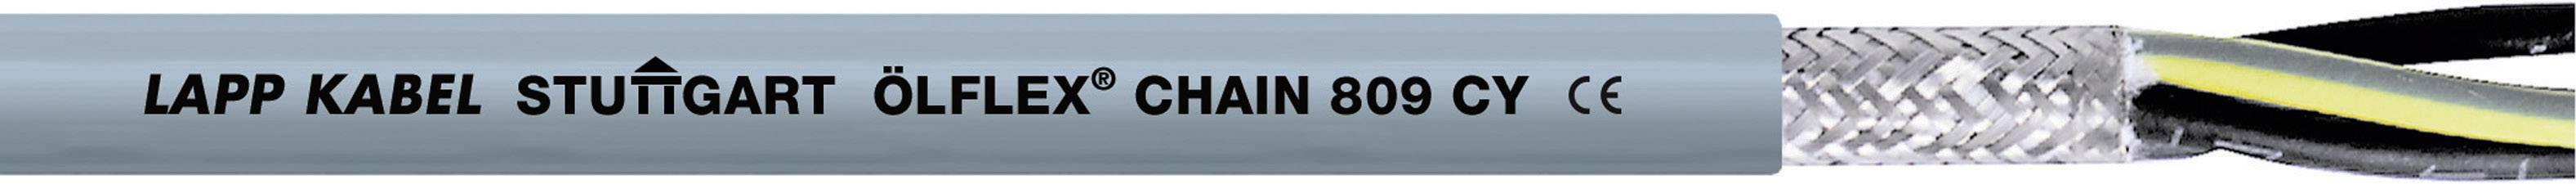 Žíla kabelu LappKabel ÖLFLEX CHAIN 809 CY 25G0,5 (1026758), 25x 0,5 mm², PVC, Ø 14,1 mm, stíněný, 50 m, šedá